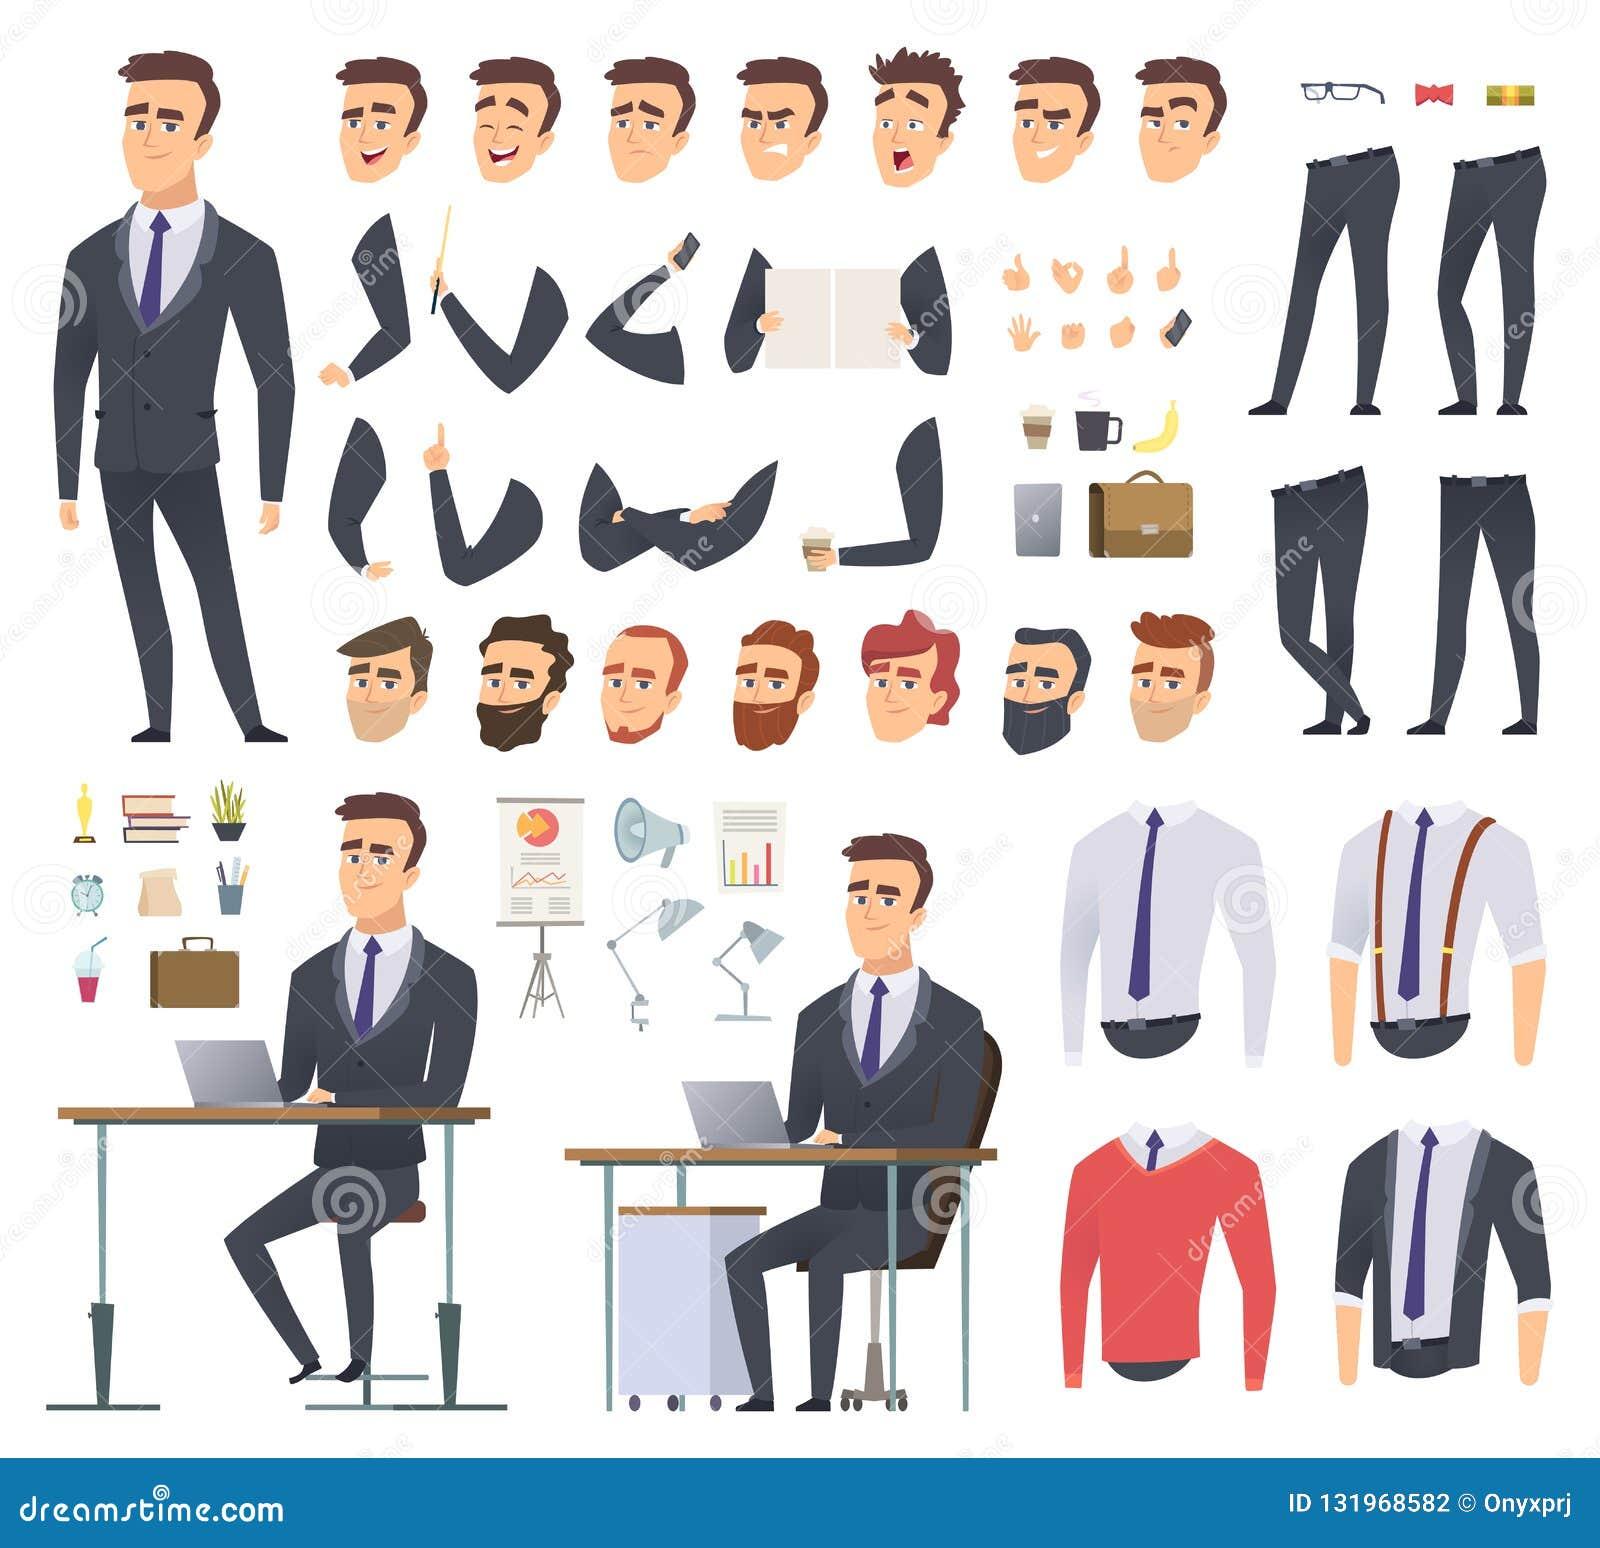 Chefskapelsesats Projekt för animering för manligt tecken för vektor för kläder och för objekt för händer för armar för affärsman